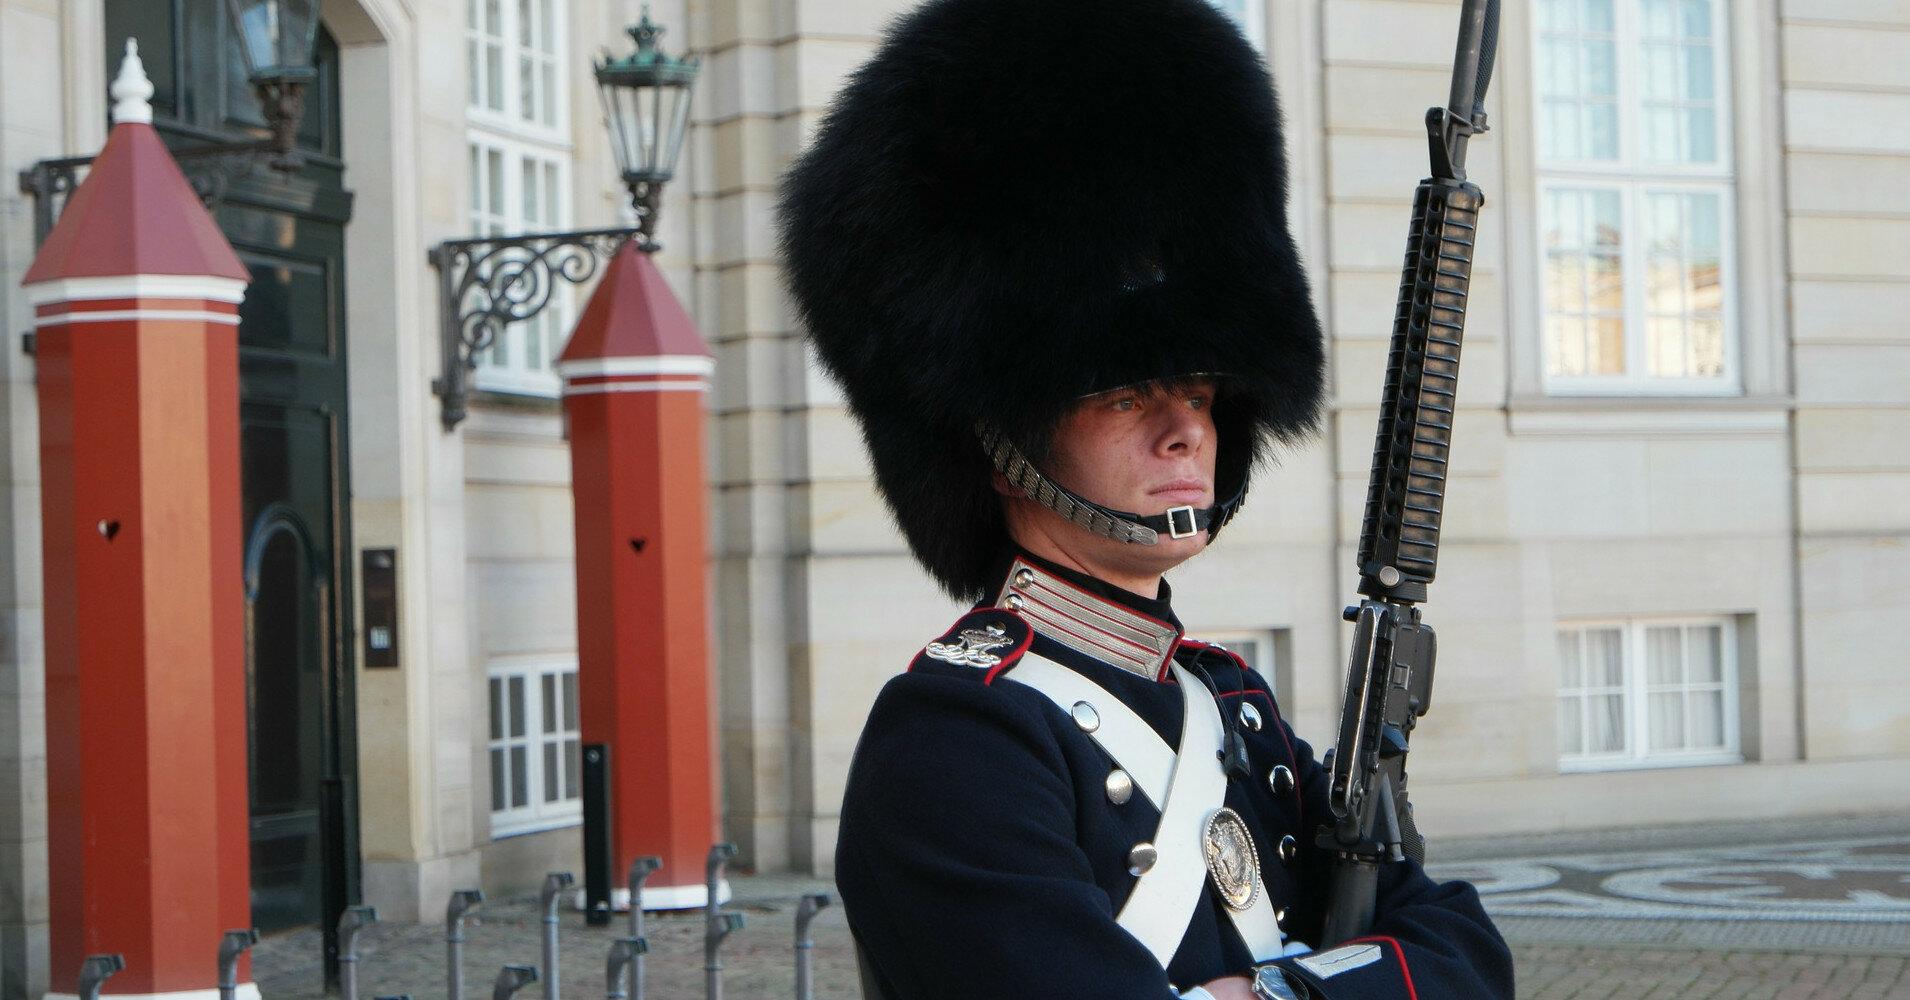 В Дании военным запретили носить форму вне службы